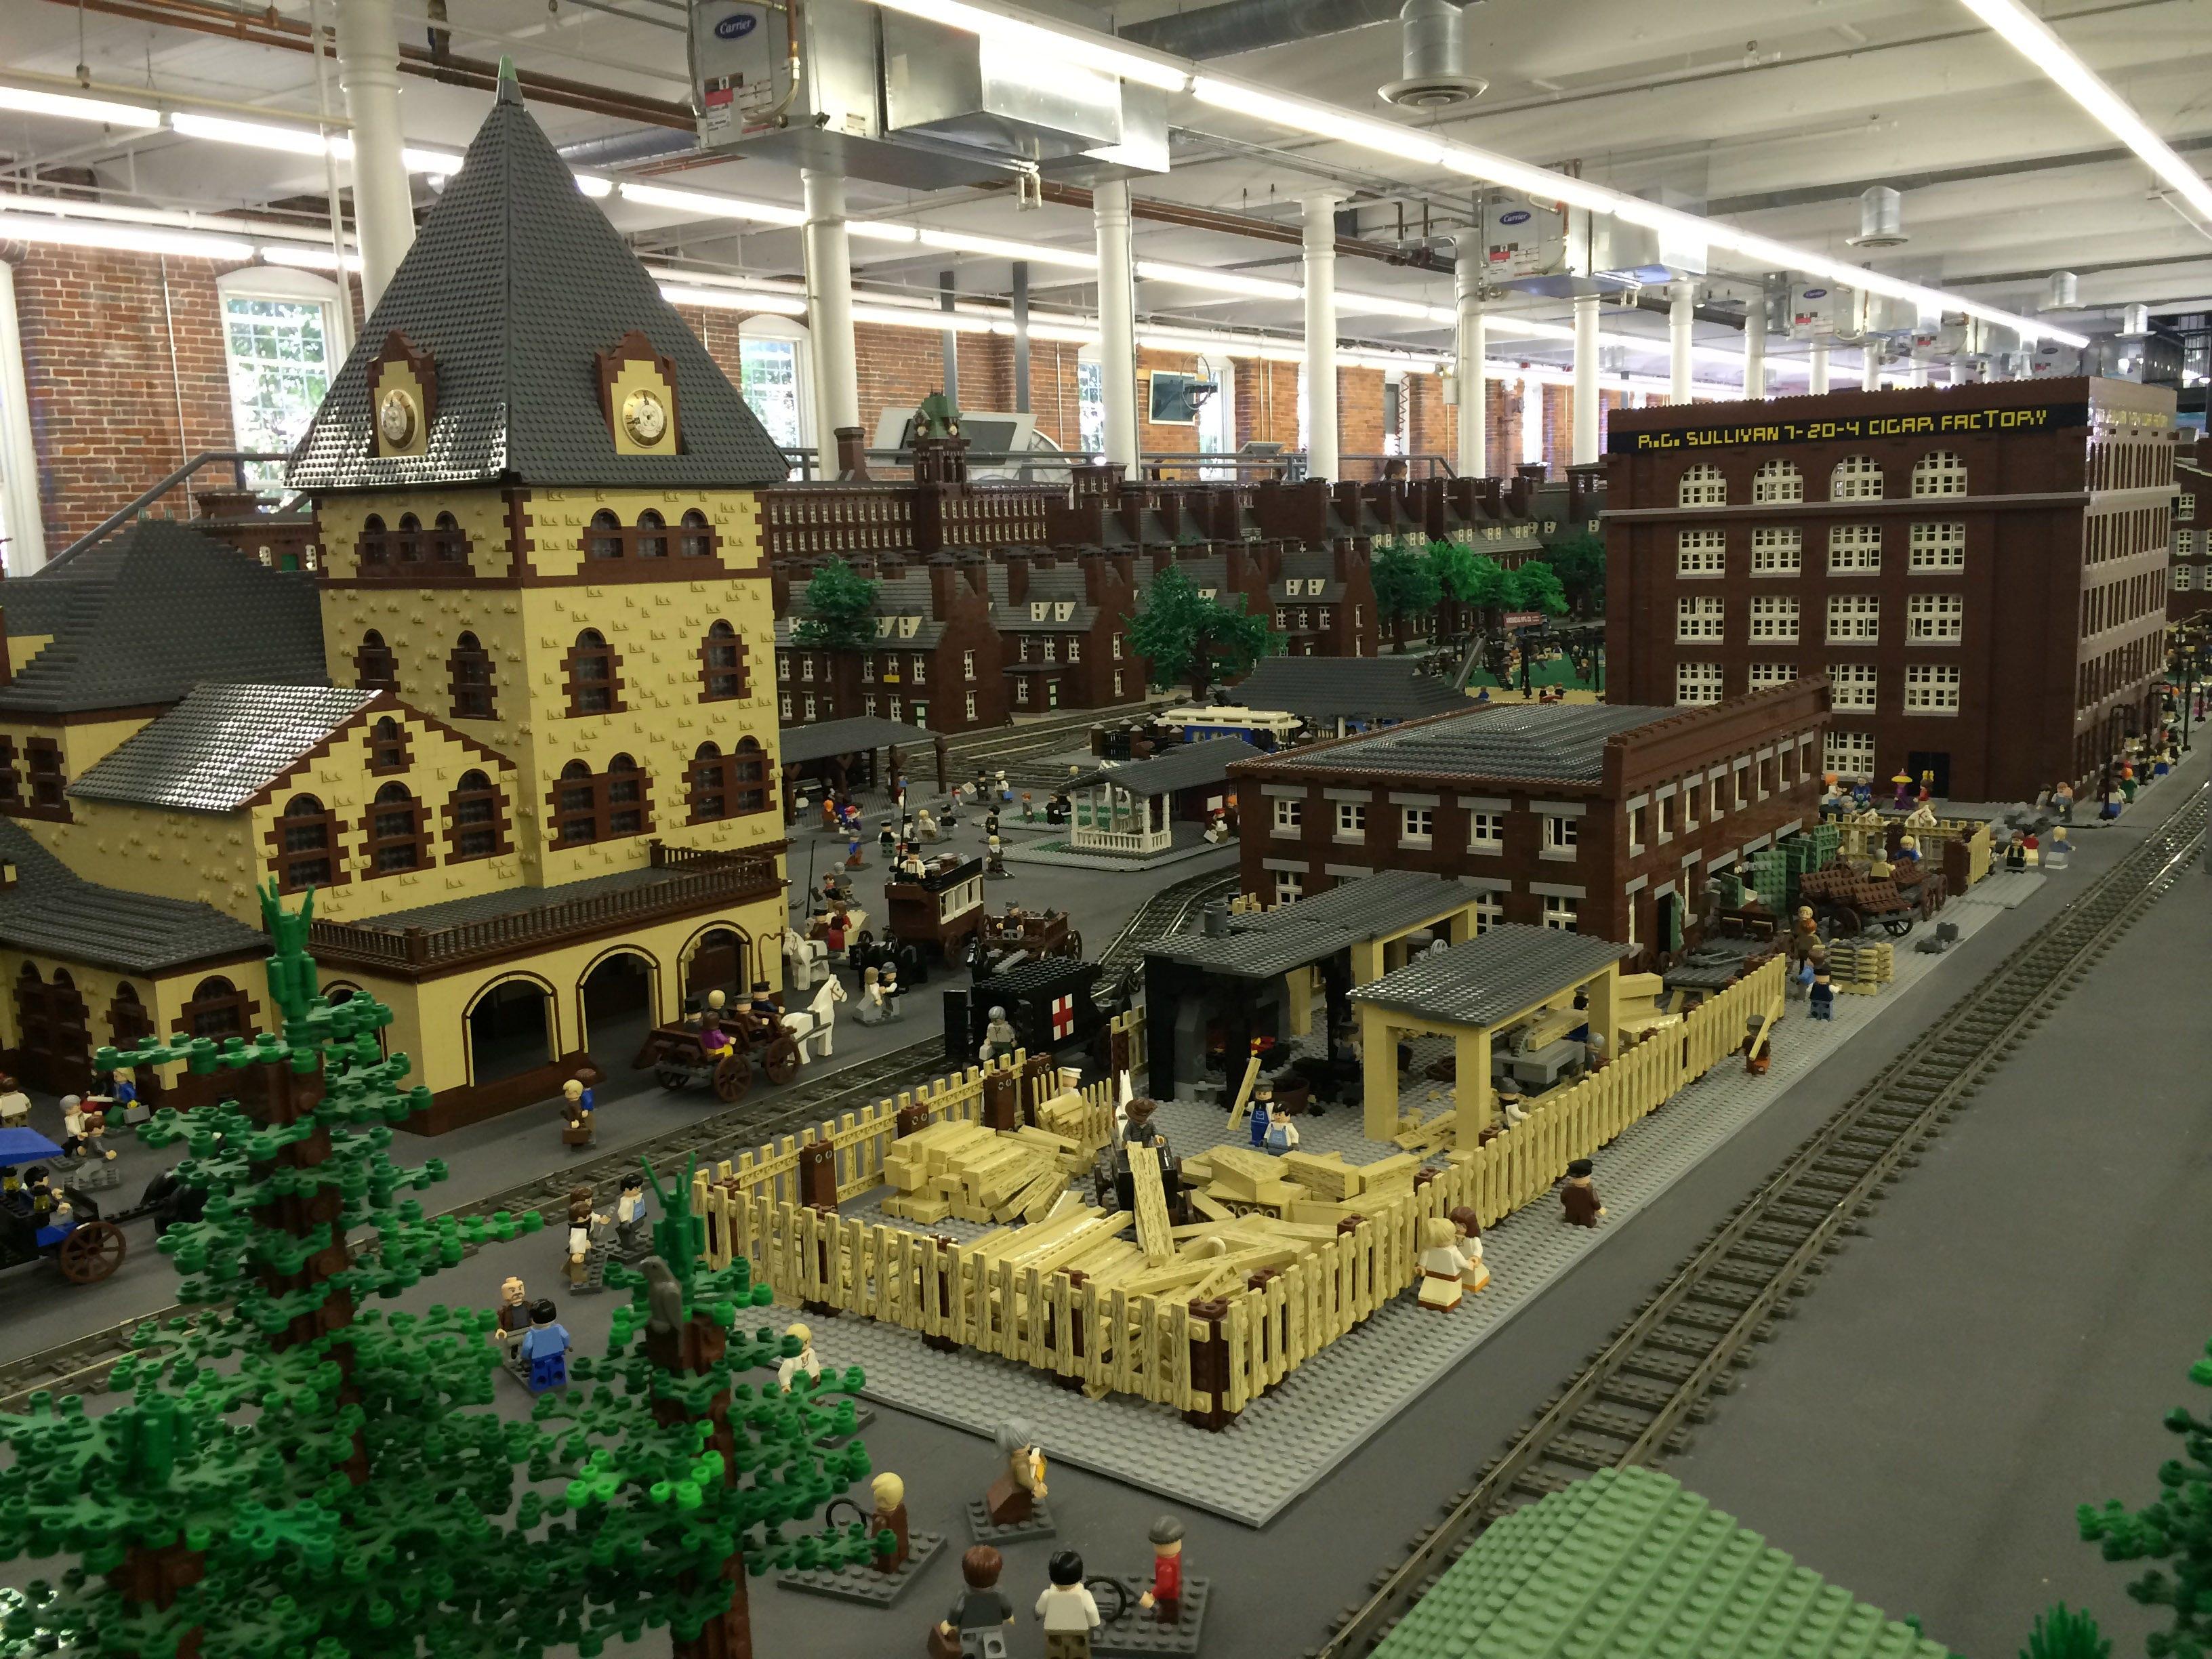 Lego migliori modelli